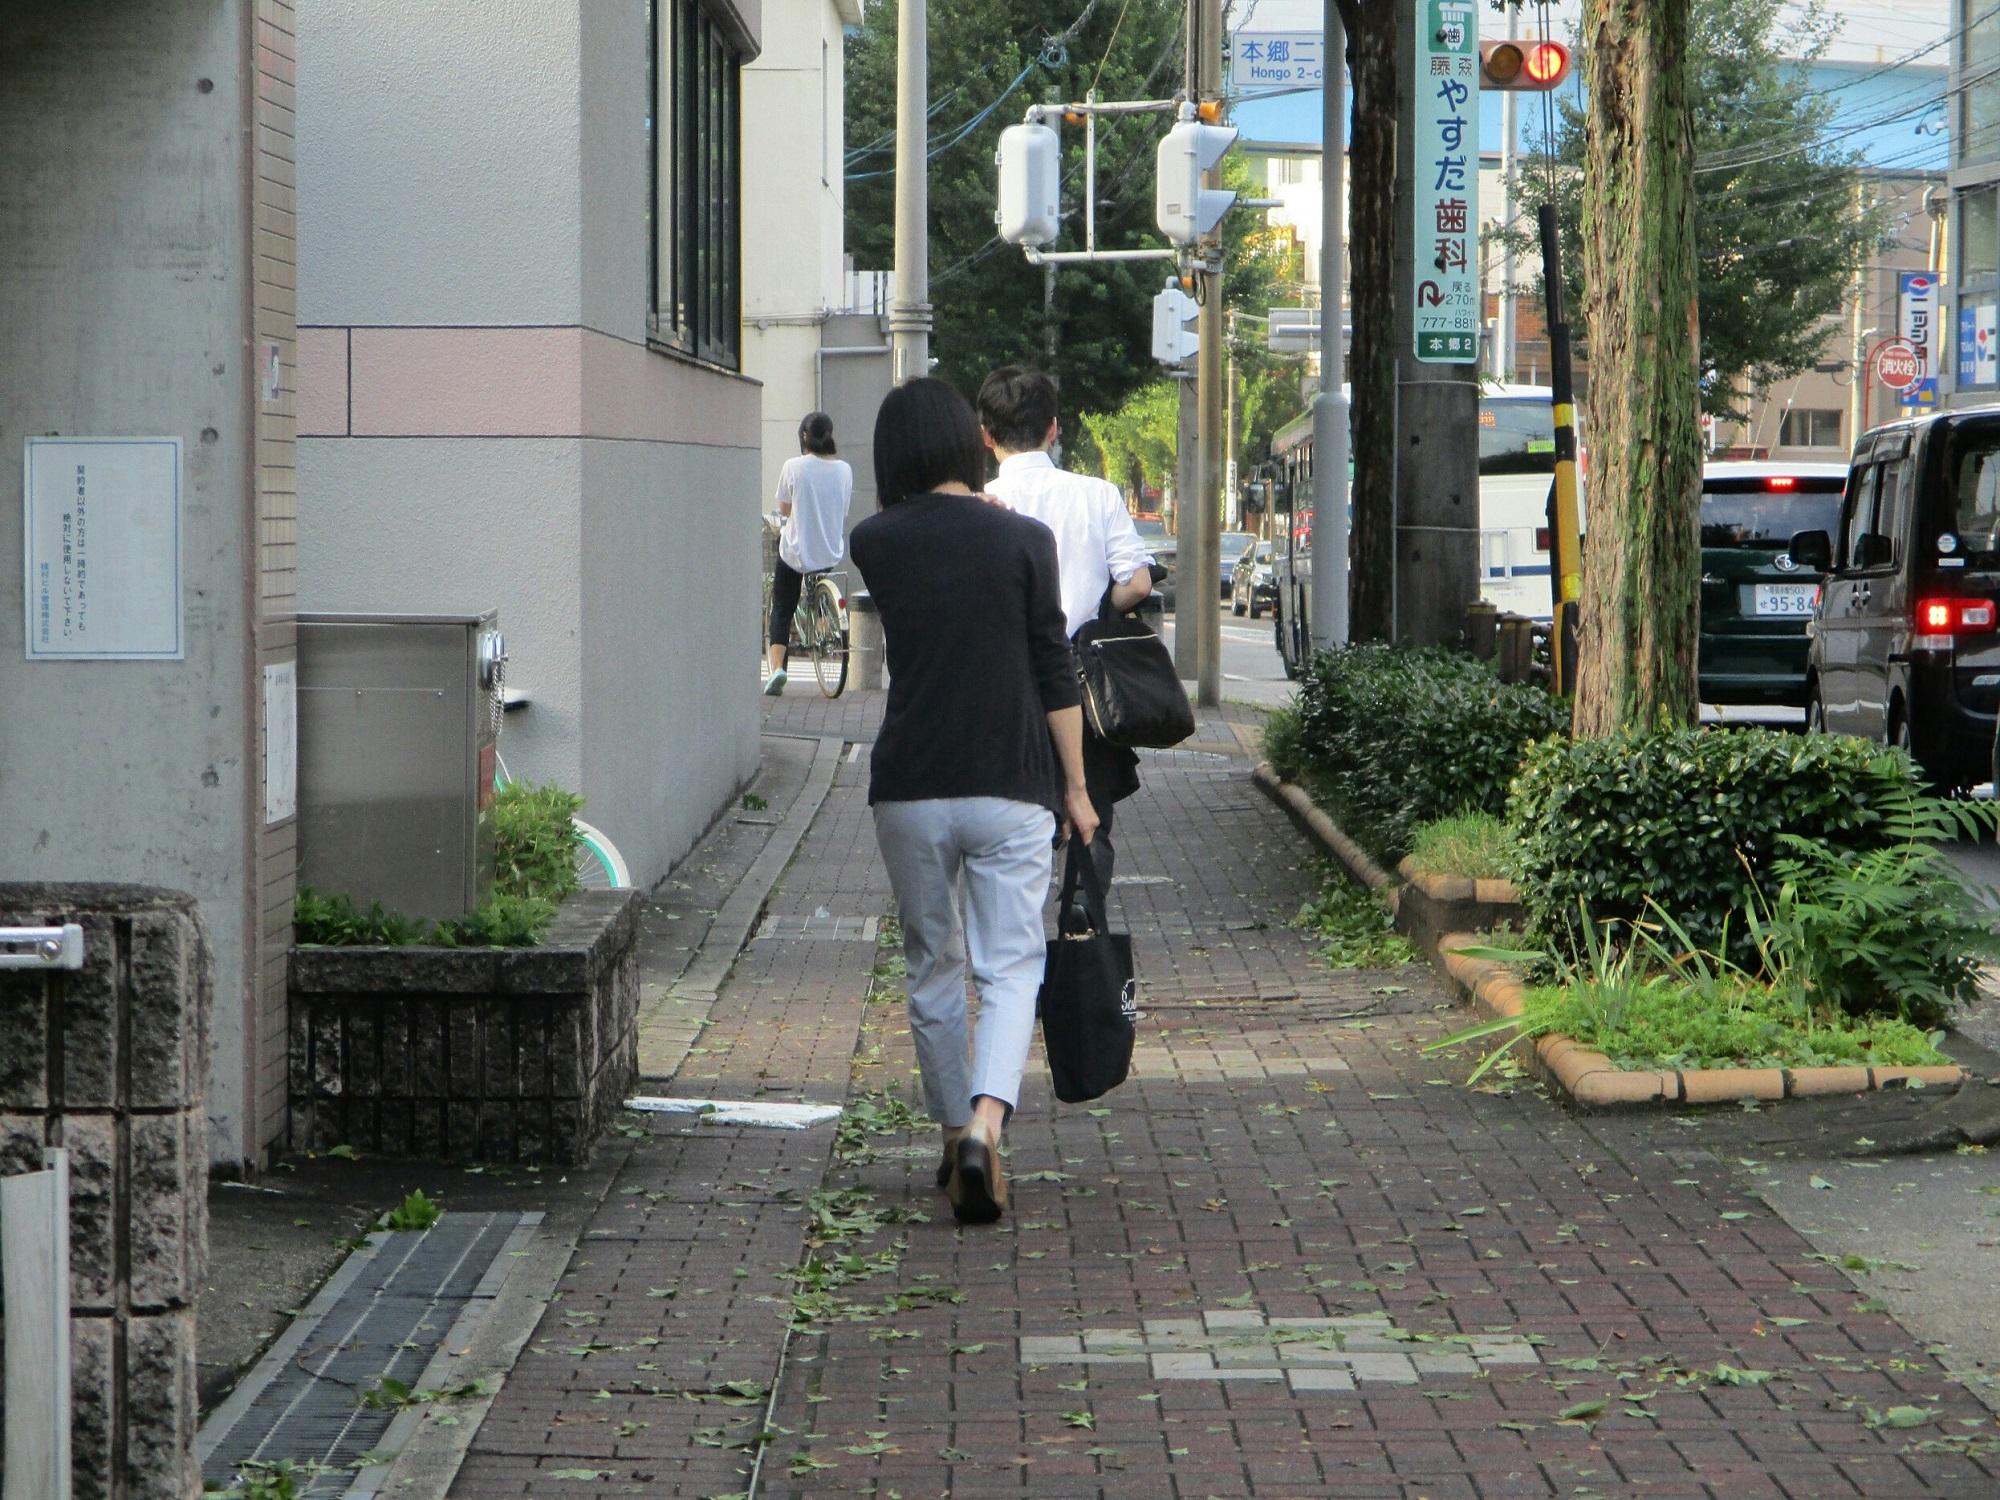 2018.9.5 (1) 本郷2丁目交差点てまえ 2000-1500